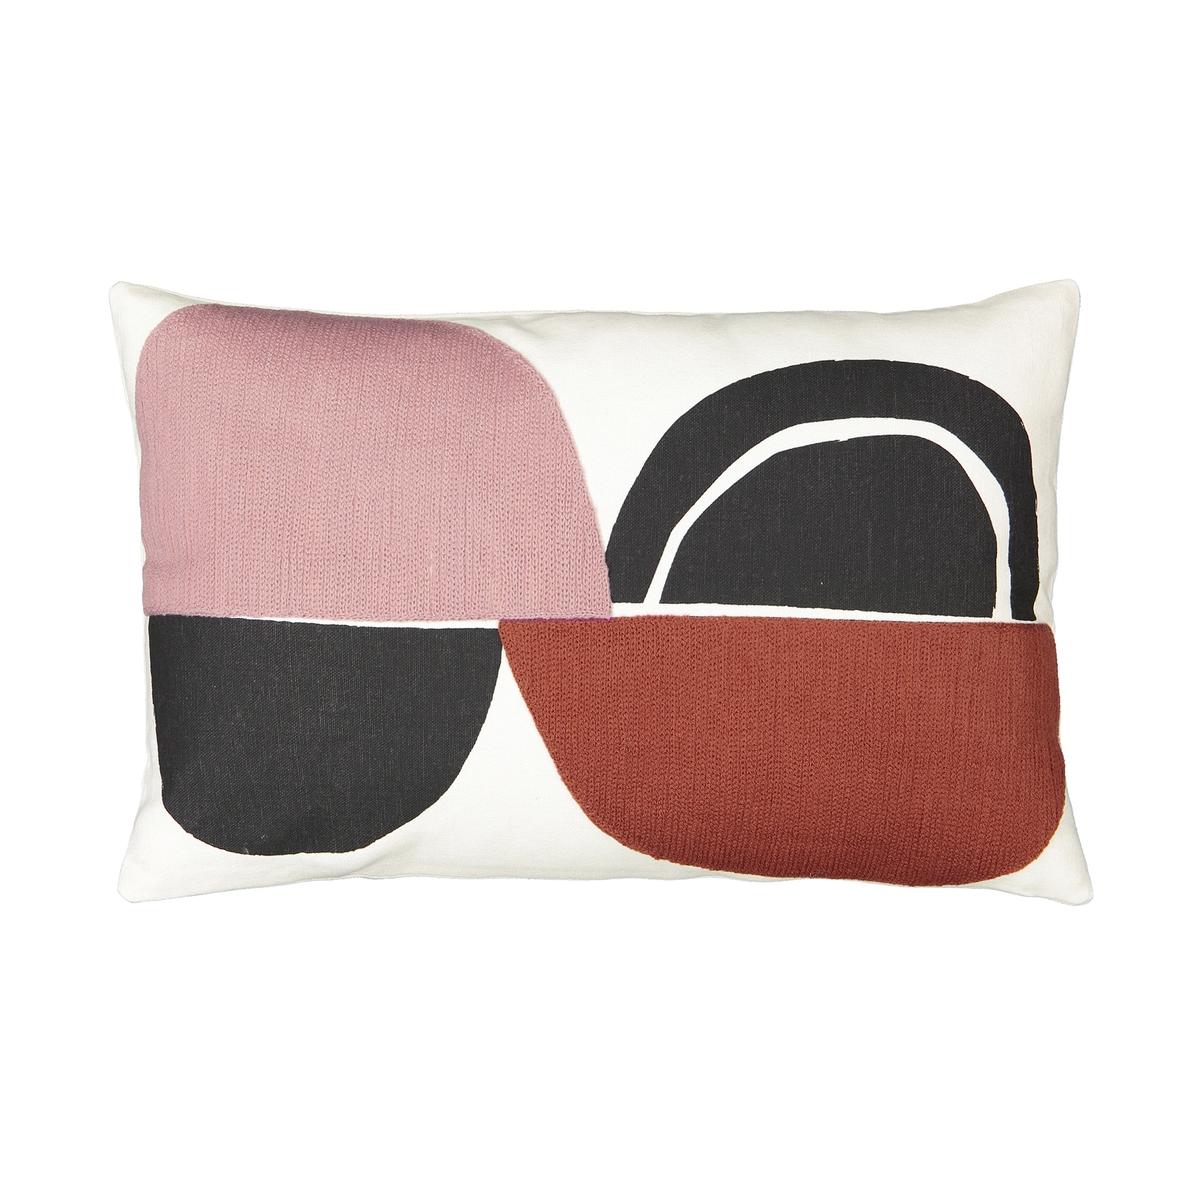 Чехол La Redoute Для подушки Comoe 50 x 30 см разноцветный льняной la redoute чехол для подушки georgette 50 x 30 см желтый